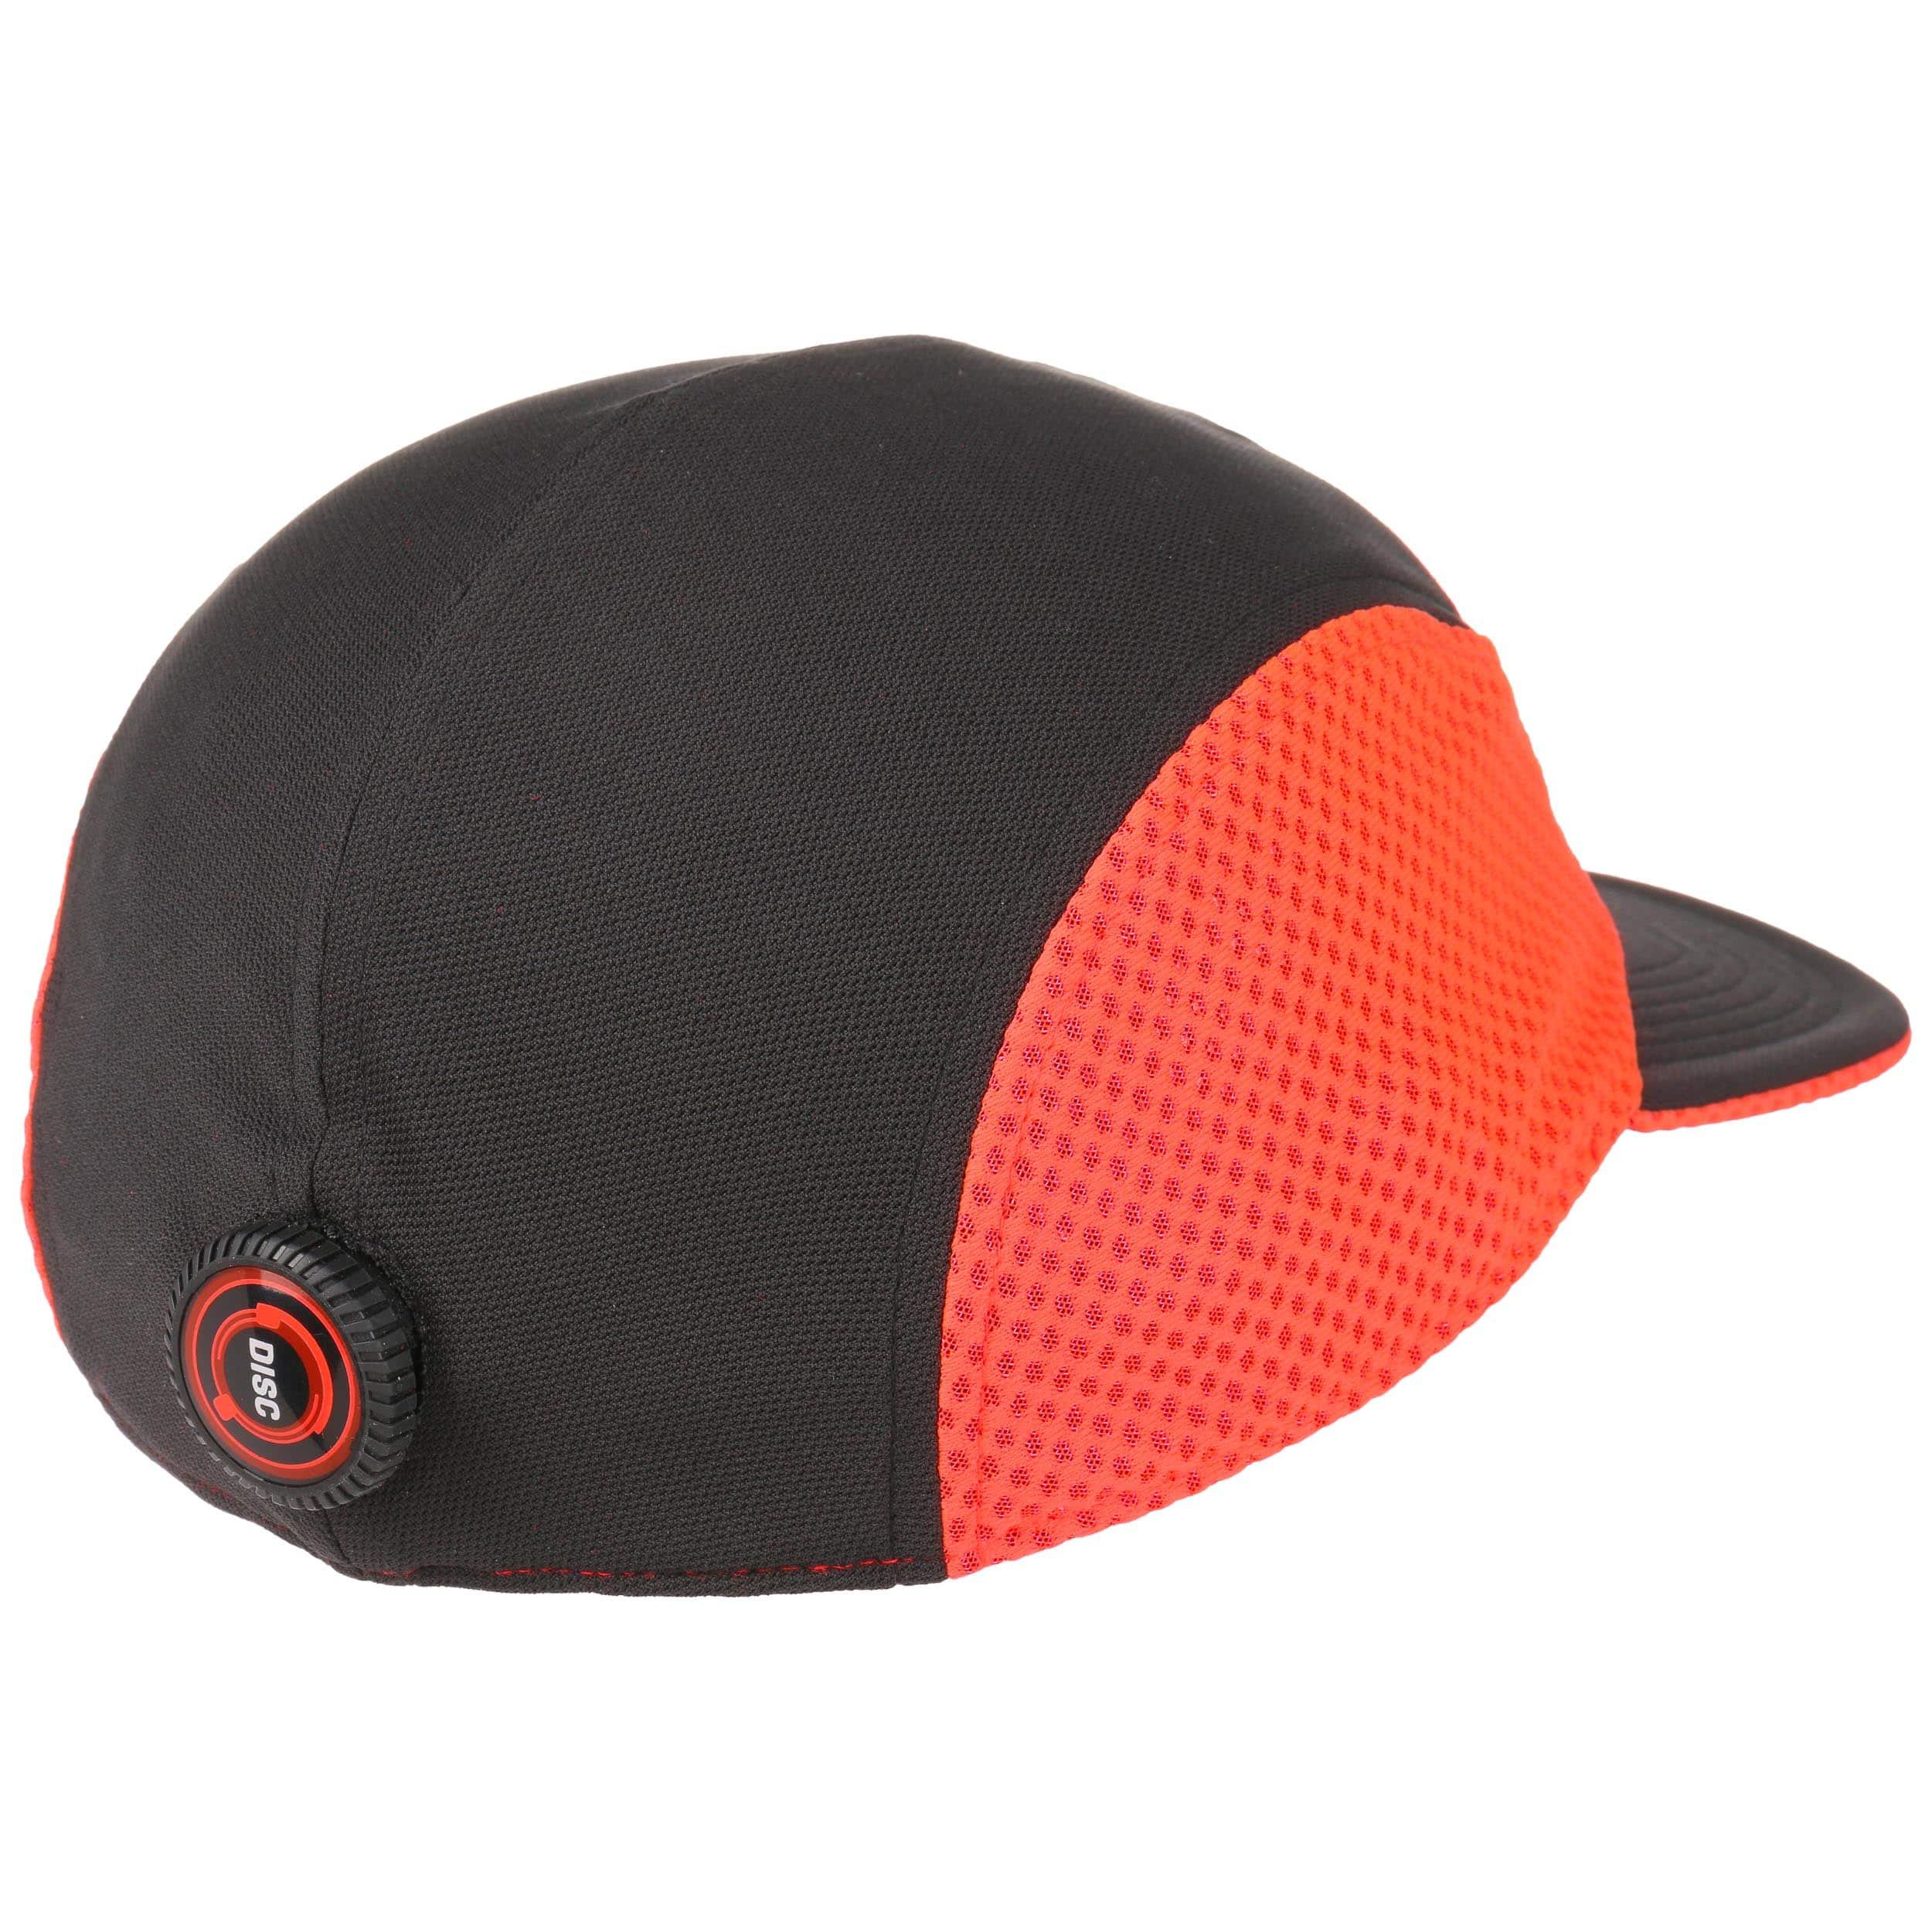 ... Disc-Fit Runner Cap by PUMA - black-red 3 ... 755947c5d73